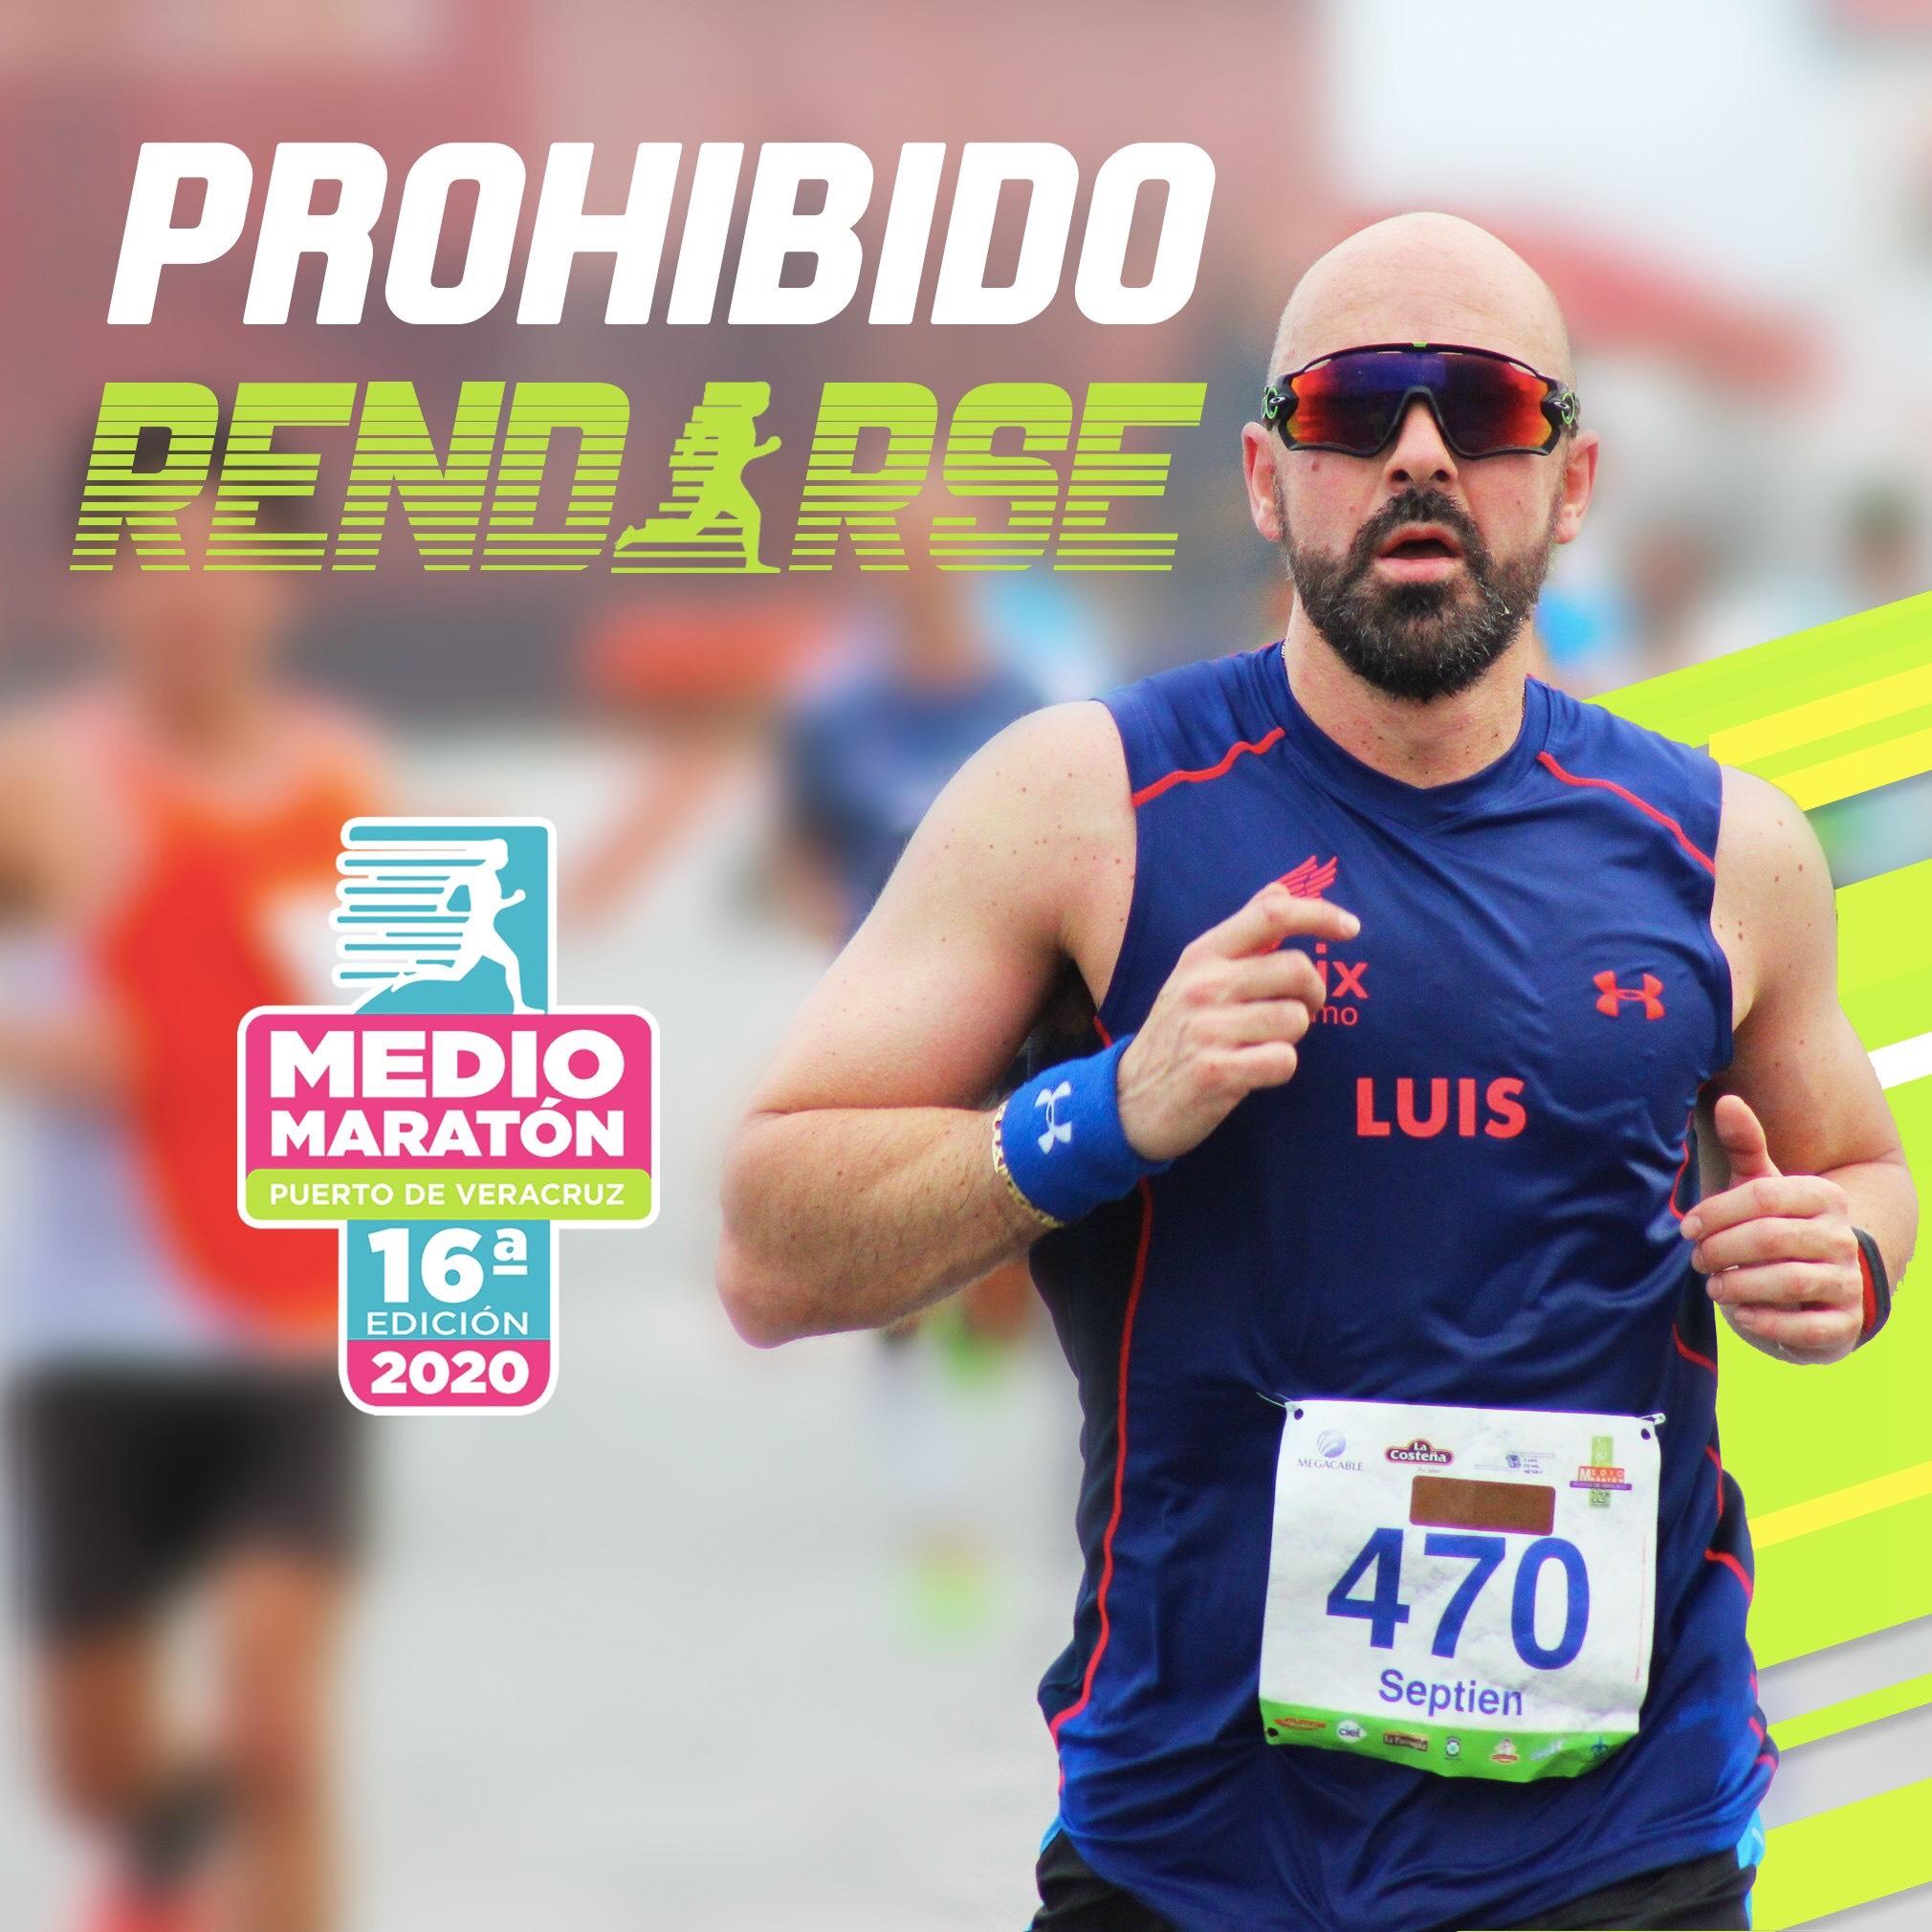 Esperan a nueve mil corredores en Medio Maratón Puerto de Veracruz 2020